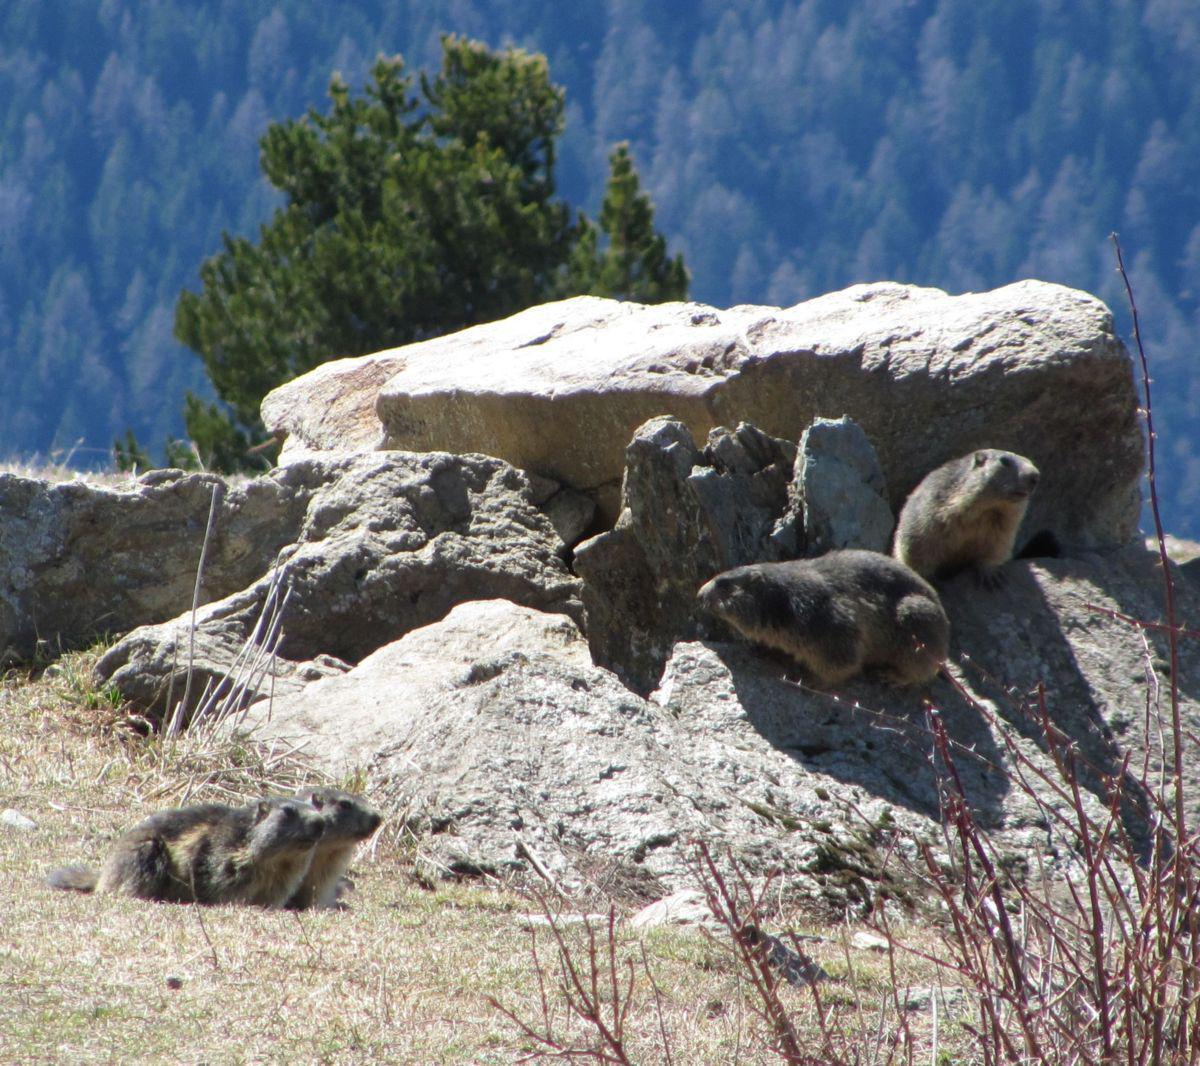 Incontro ravvicinato con le marmotte